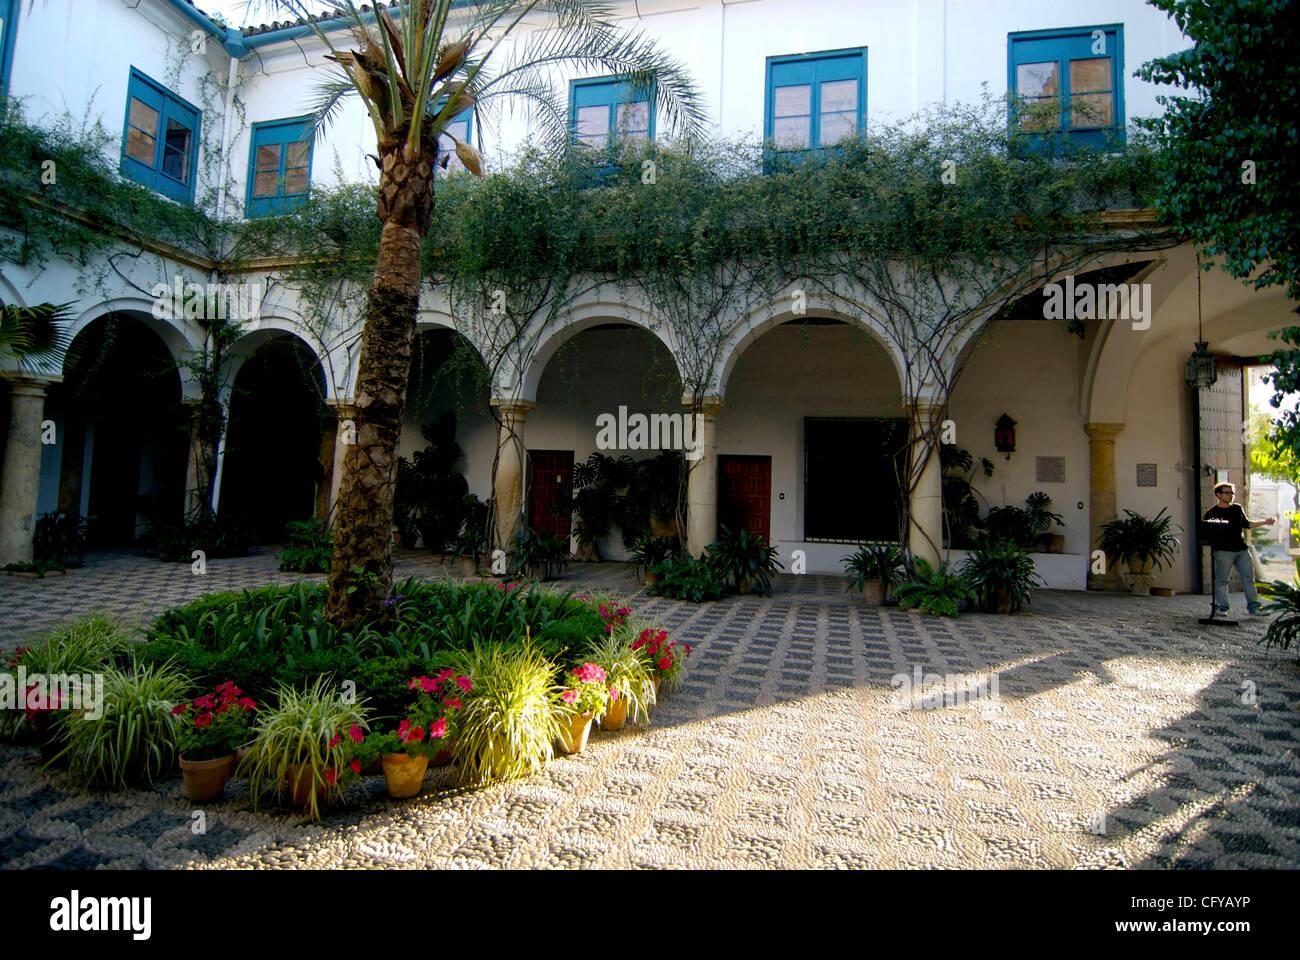 Festival De Patios Cordobeses. Palacio De Viana, Patio De Las Flores En  Cordoba. Potted Plants Cover The Enclosing Walls Of A Patio. Cordoba, Spain.